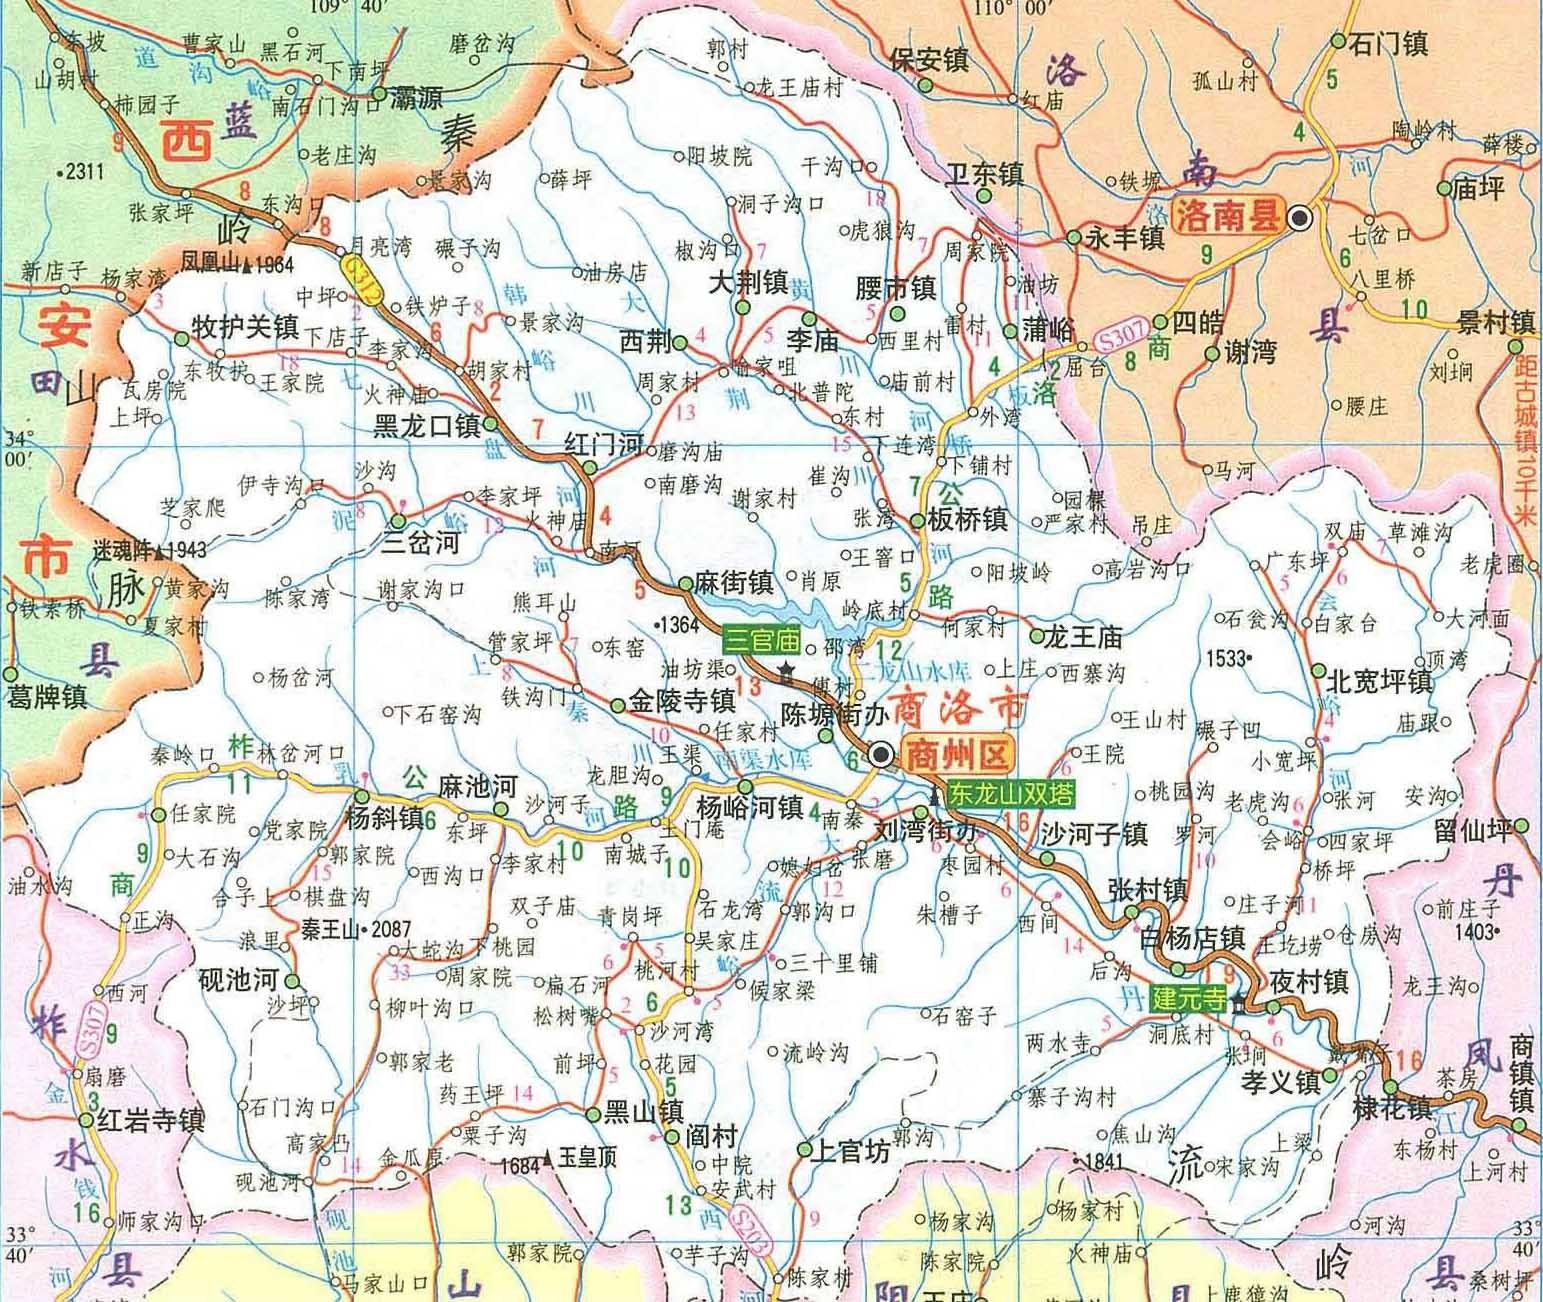 地图 1543_1302